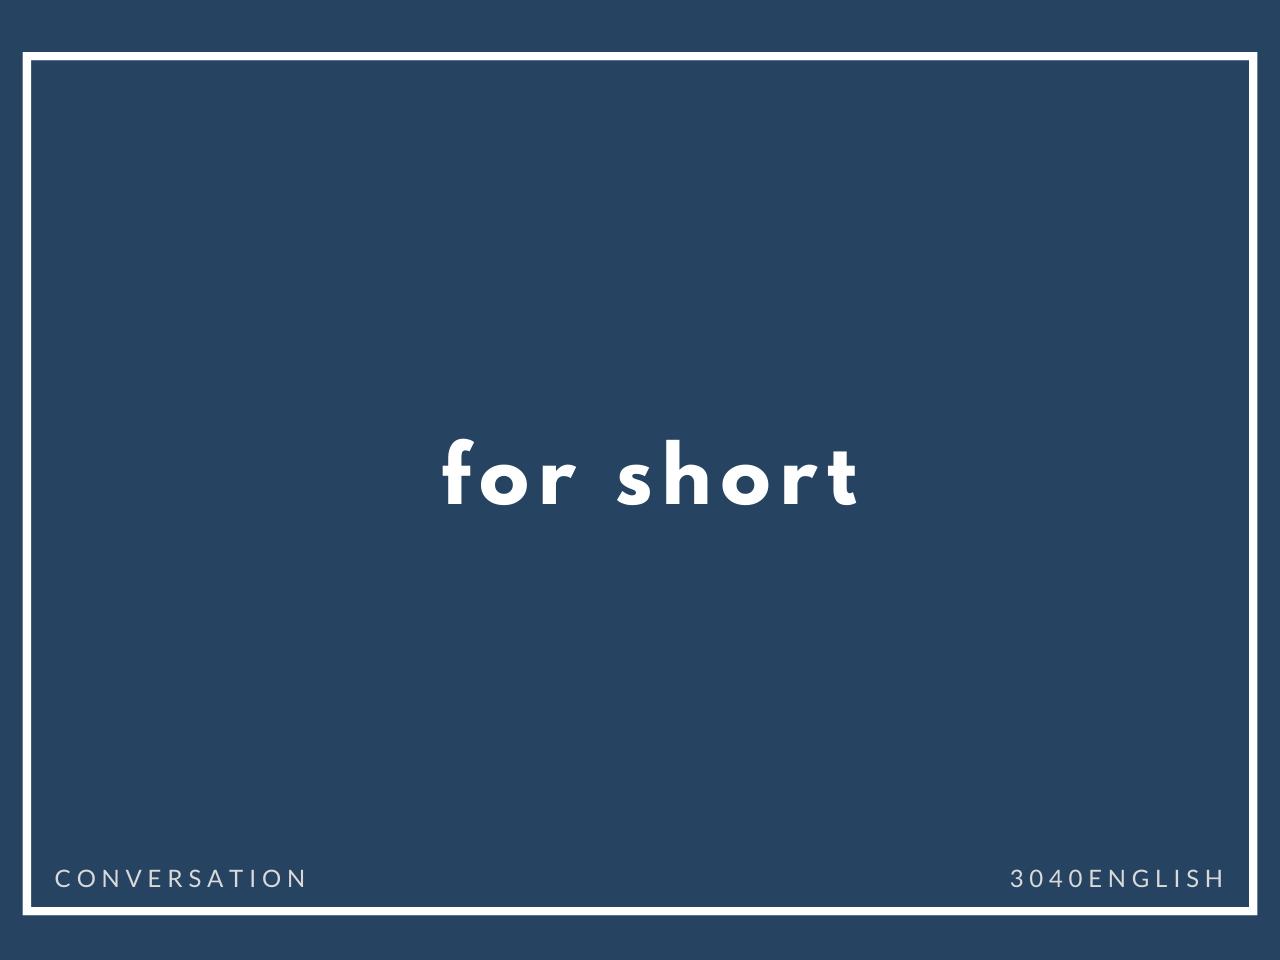 「略」「省略」「略して」の英会話・英語表現3選【例文あり】